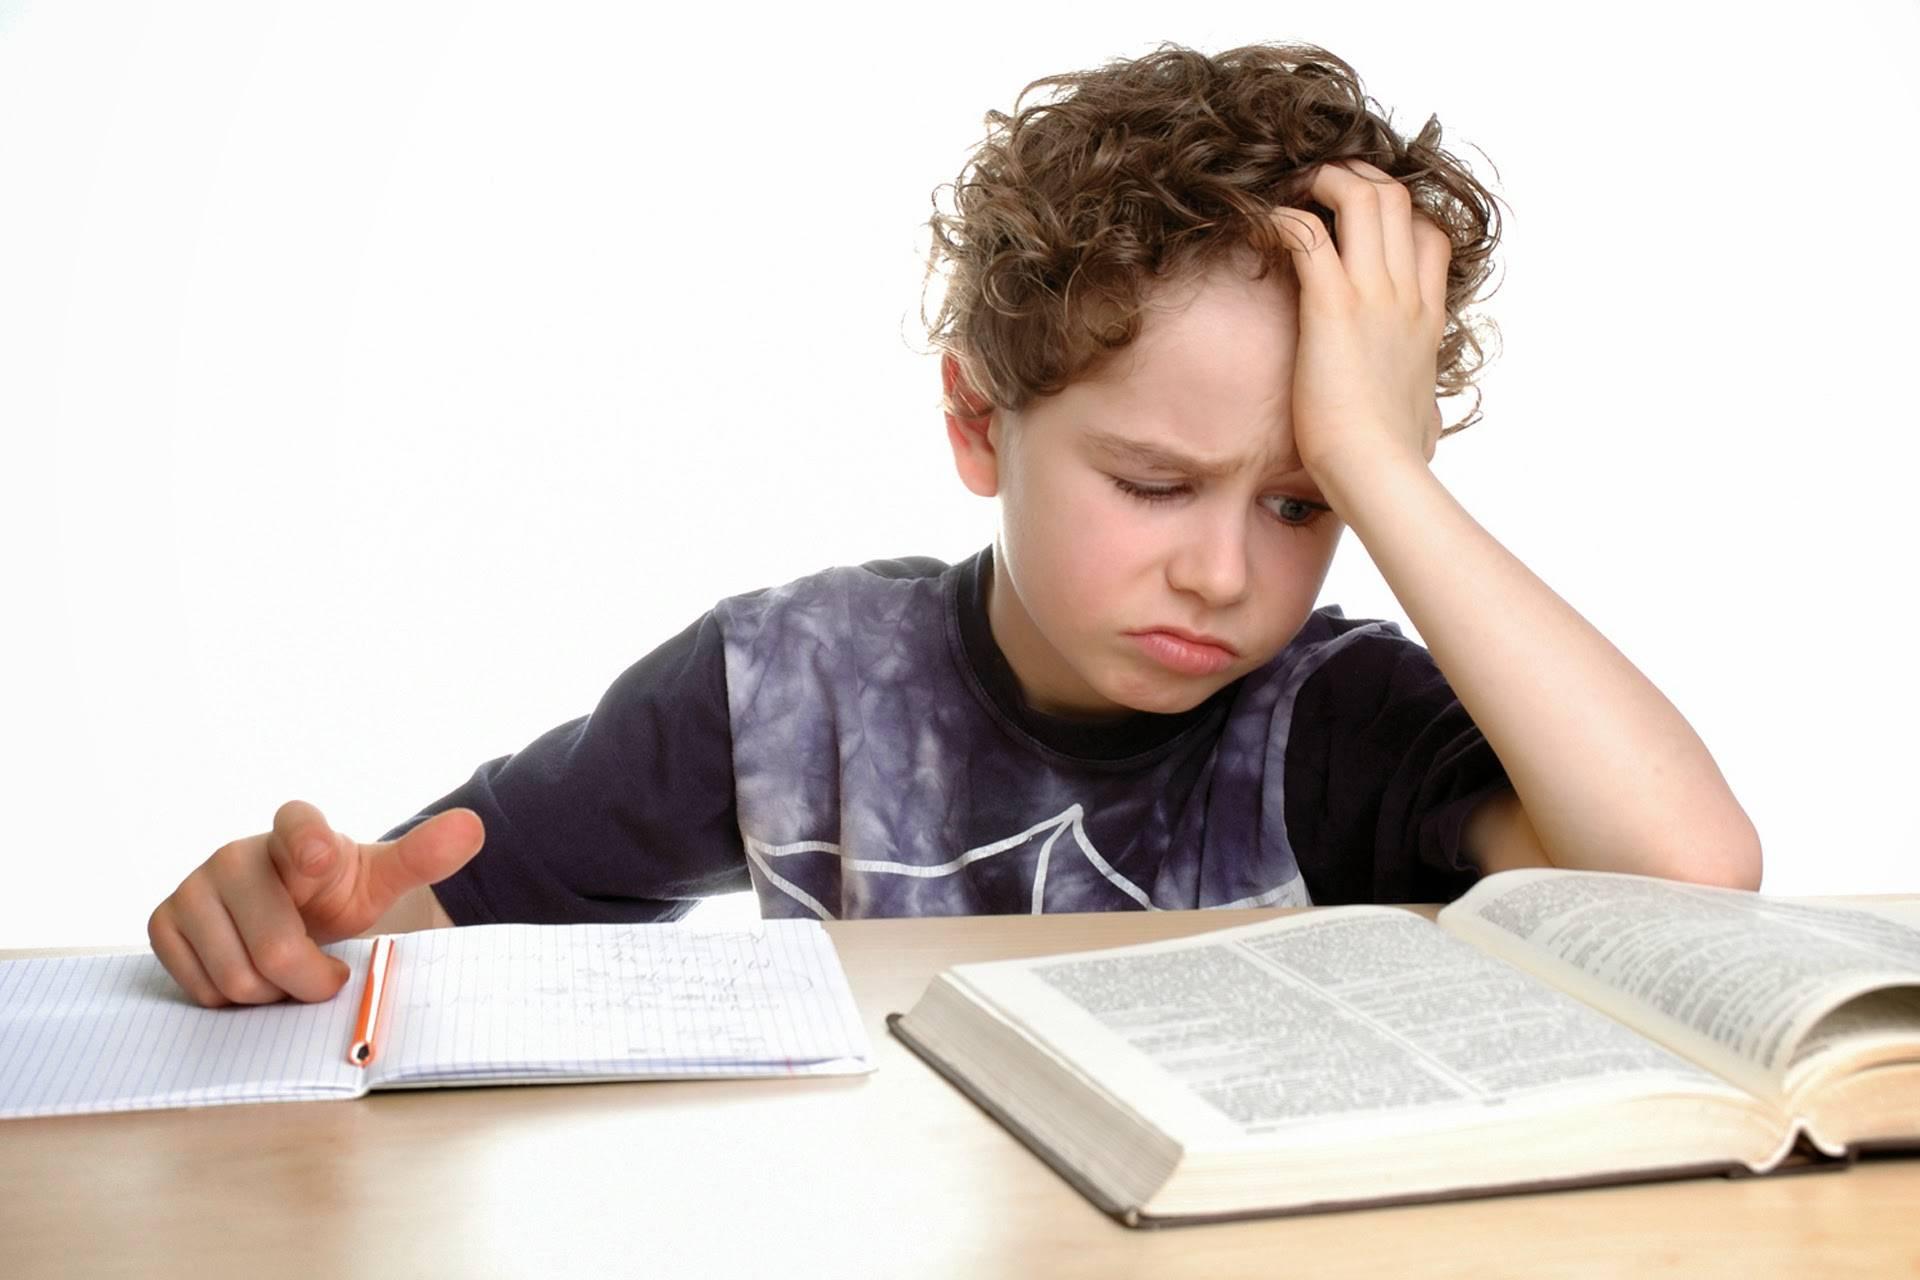 Как исправить плохое поведение ребенка за одну неделю?